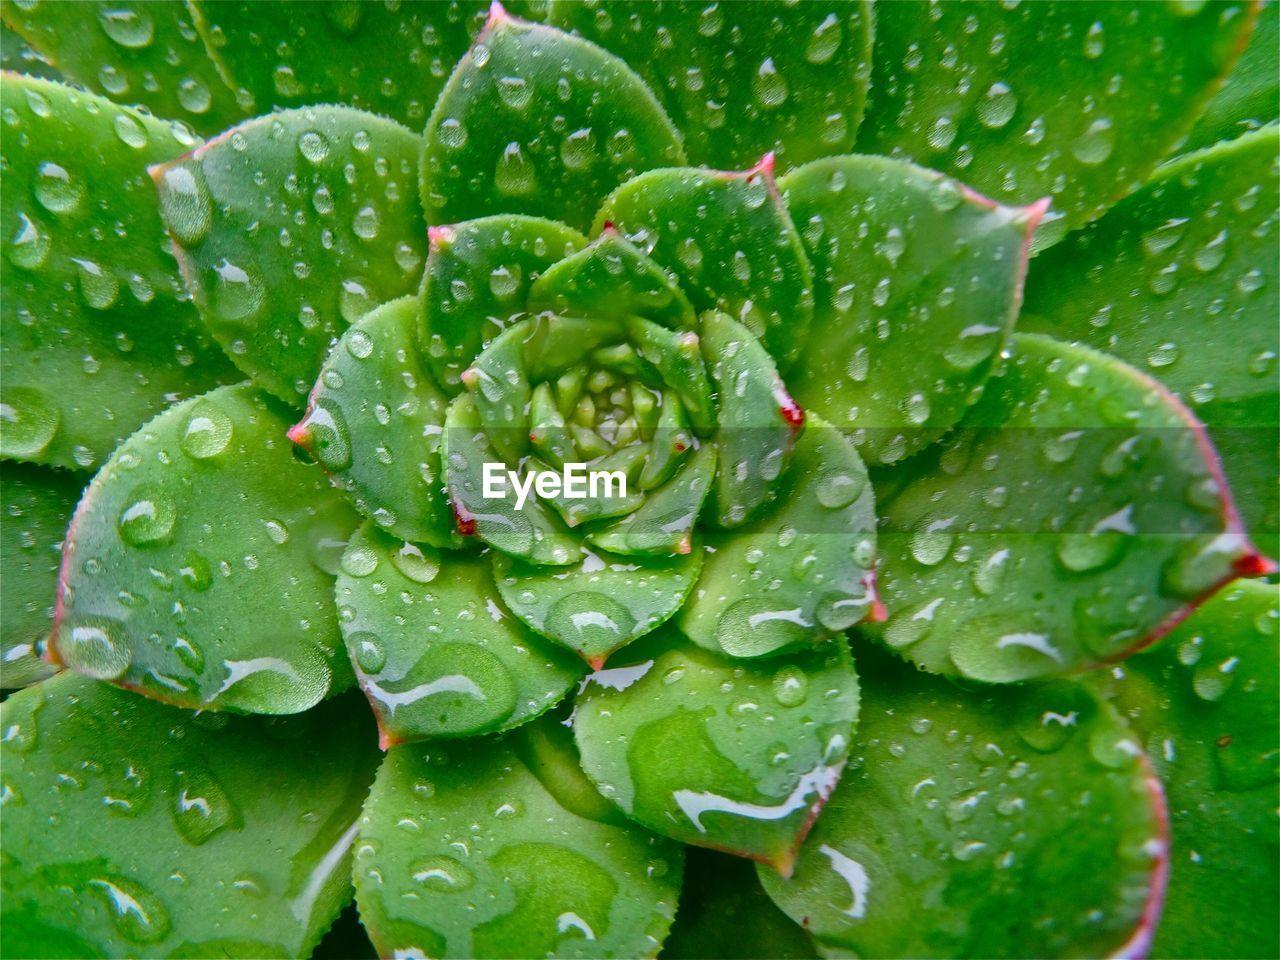 Close-up of wet succulent plant